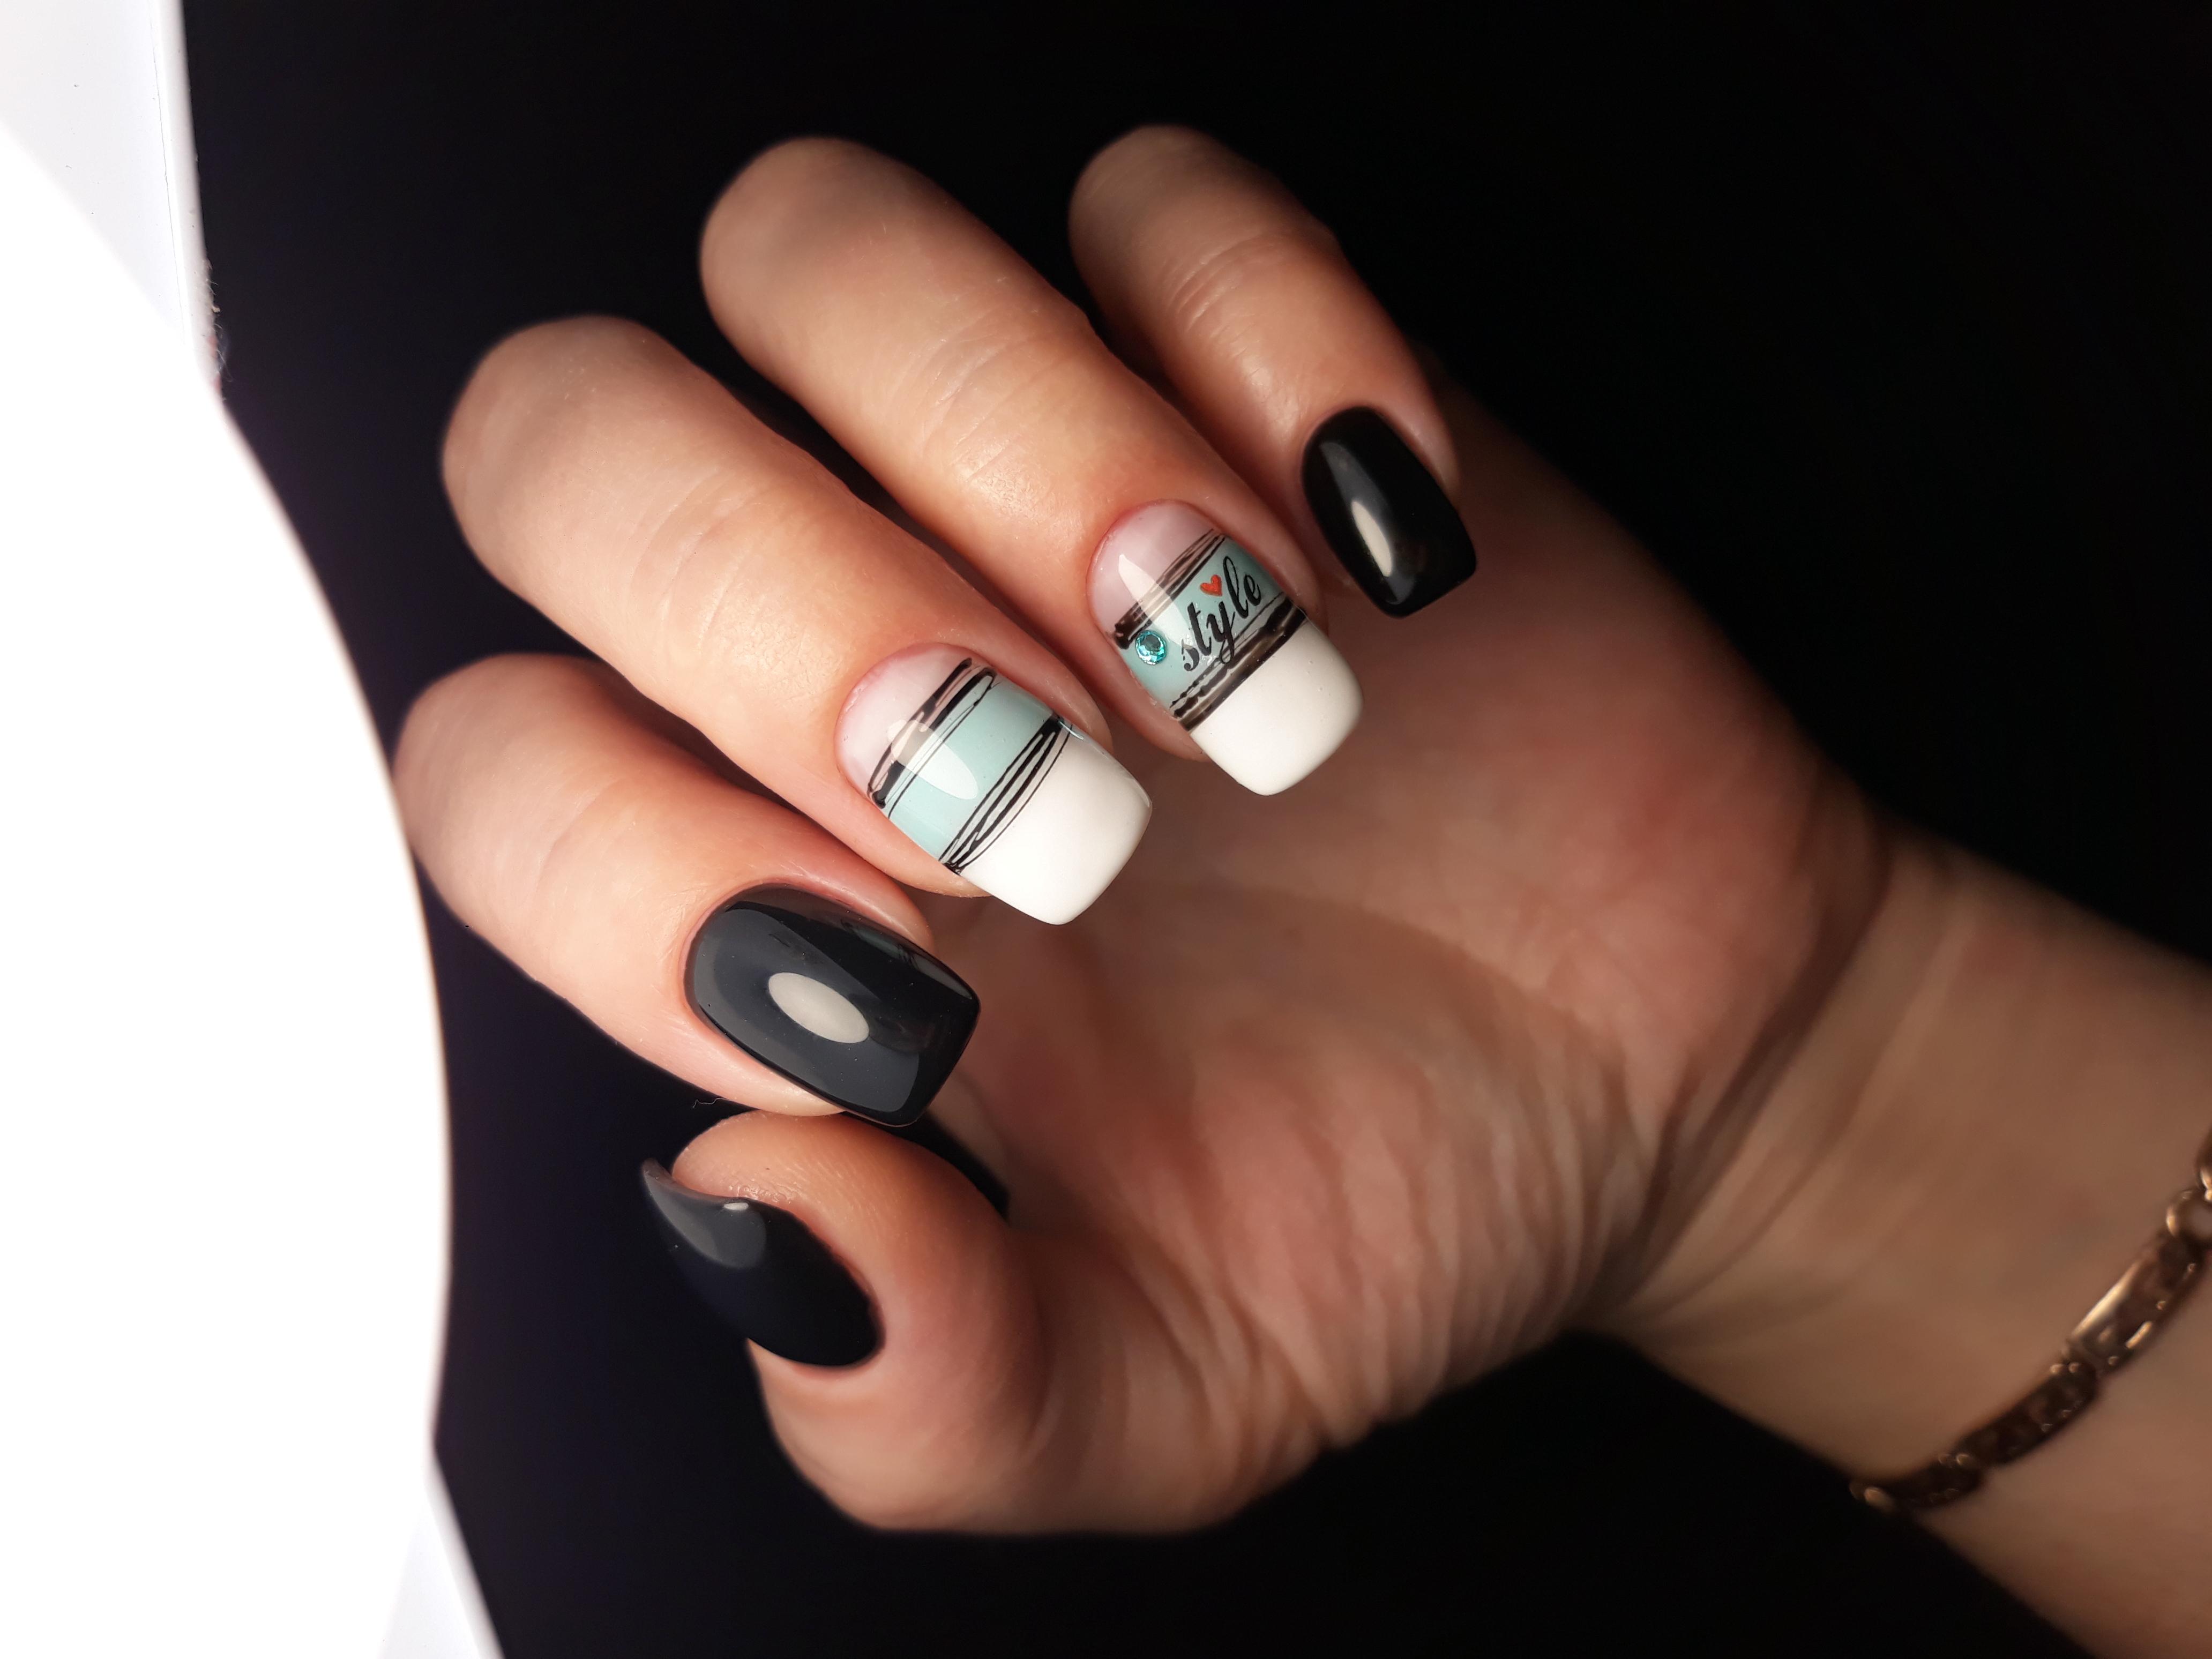 Маникюр с паутинкой и надписями в черном цвете на короткие ногти.